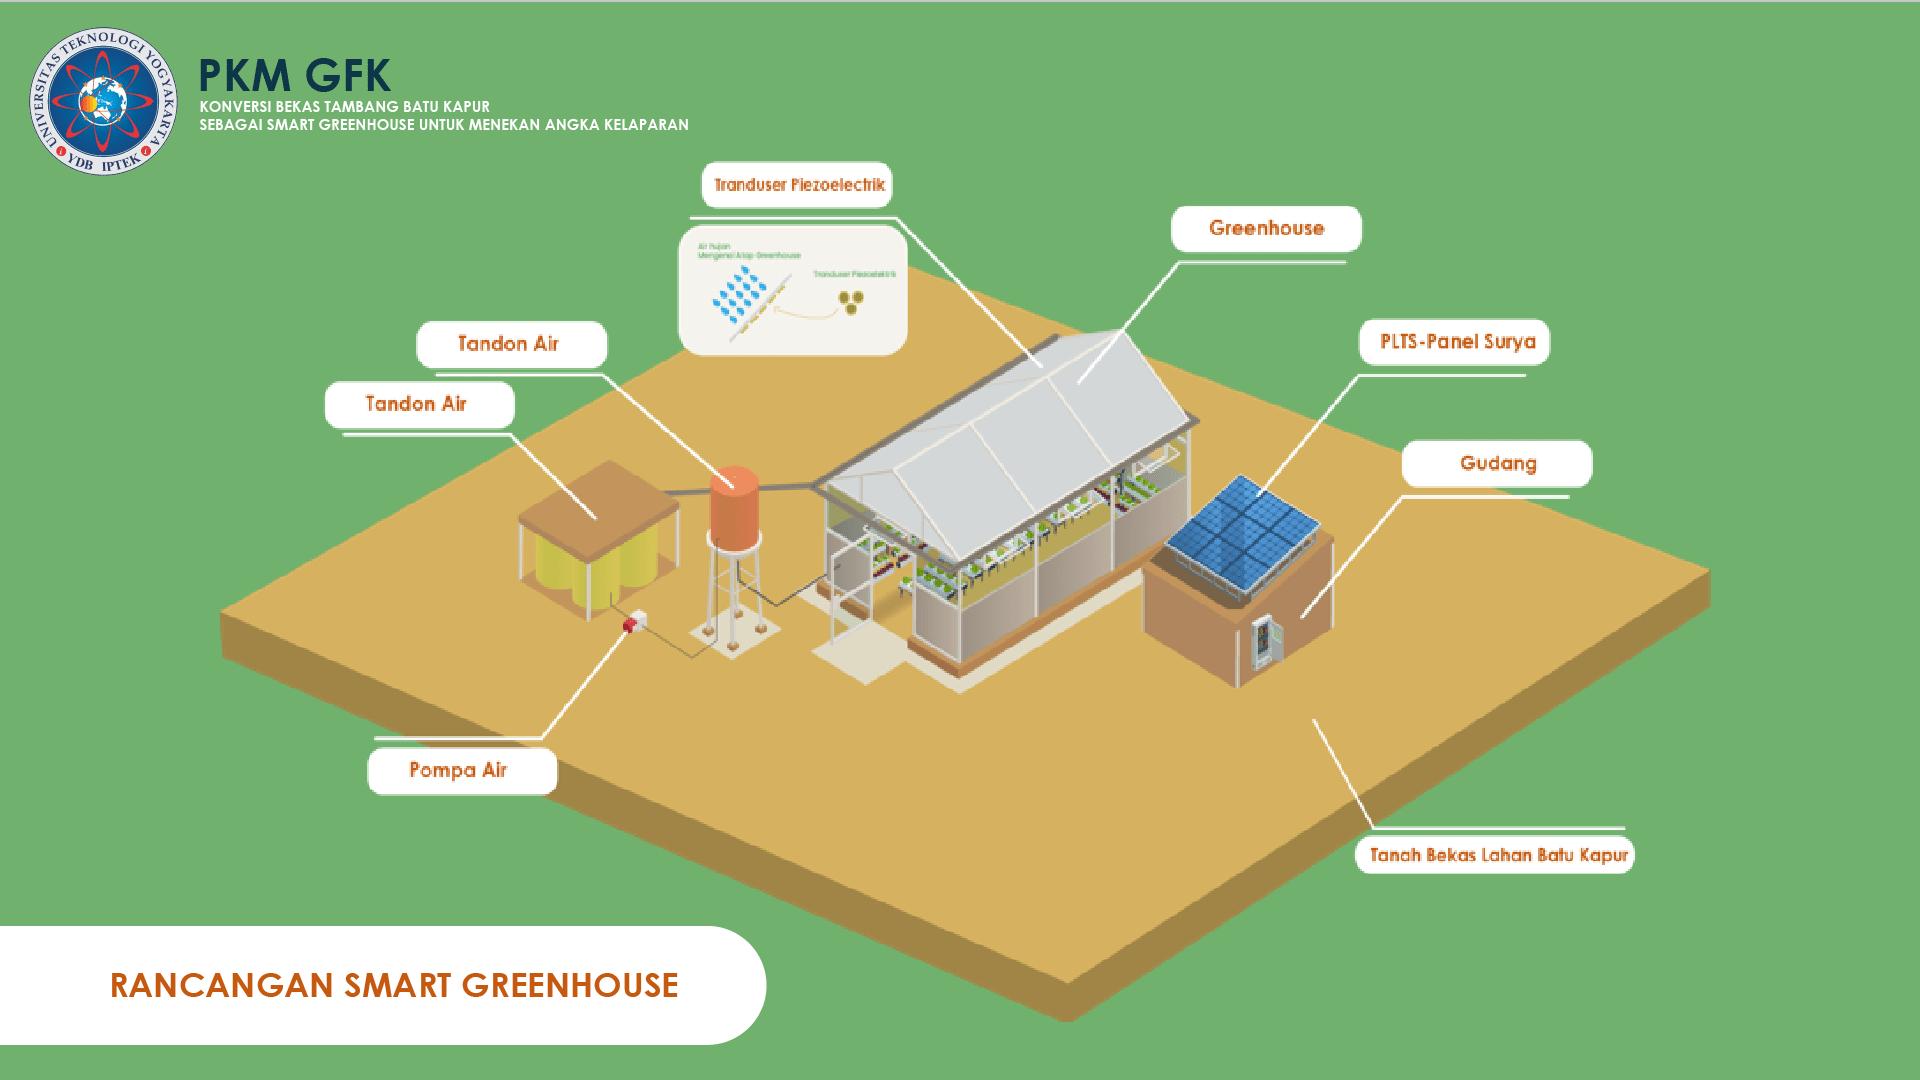 Mahasiswa UTY Manfaatkan Bekas Lahan Tambang Batu Kapur Menjadi Smart Greenhouse